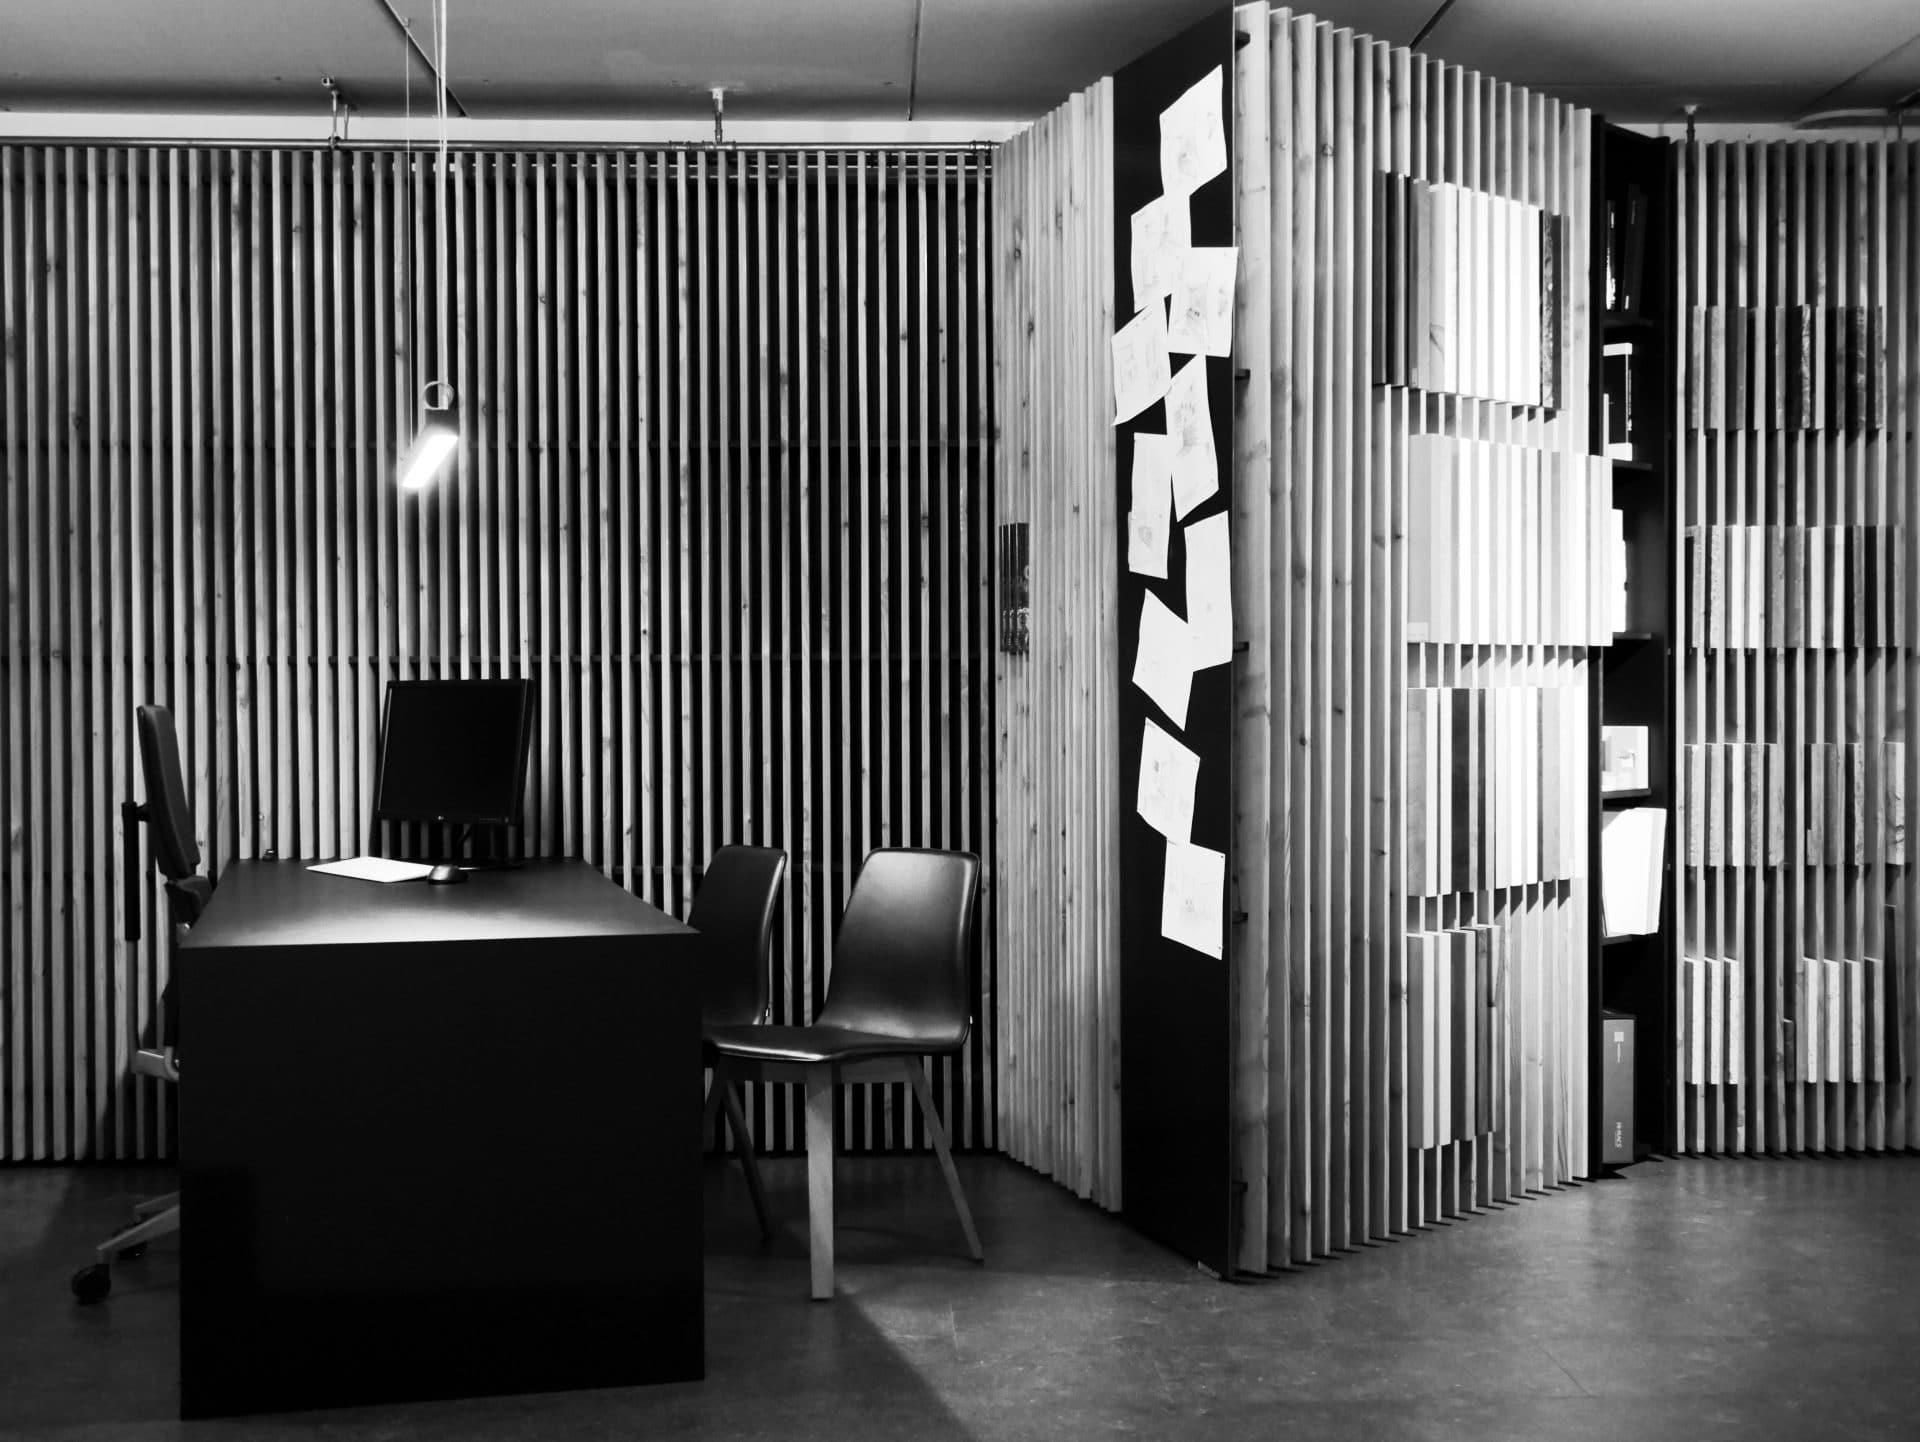 Showroom von Schreinerei und Planungsbüro VOIT in Reichertshausen, Besprechungsbereich mit Lammelenwand und Schreibtisch, davor 2 Stühle - Bild in schwarz-weiß